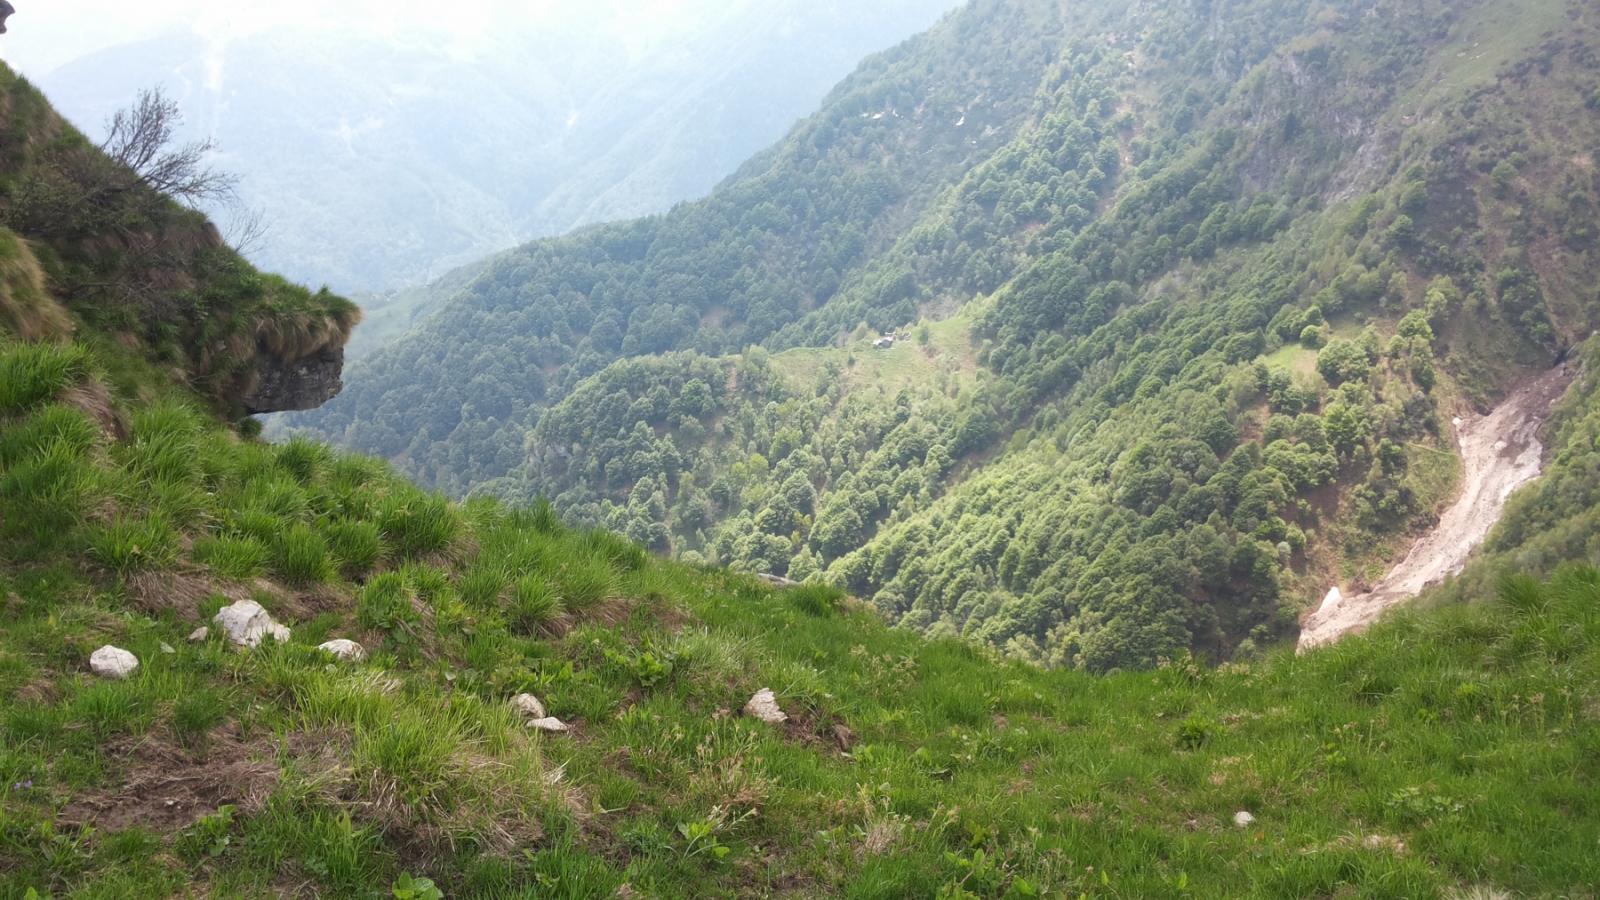 la Comba di Frasso dalle creste del Ventolaro, sulla destra il nevaio del Creus Canval, evitato salendo dal versante opposto